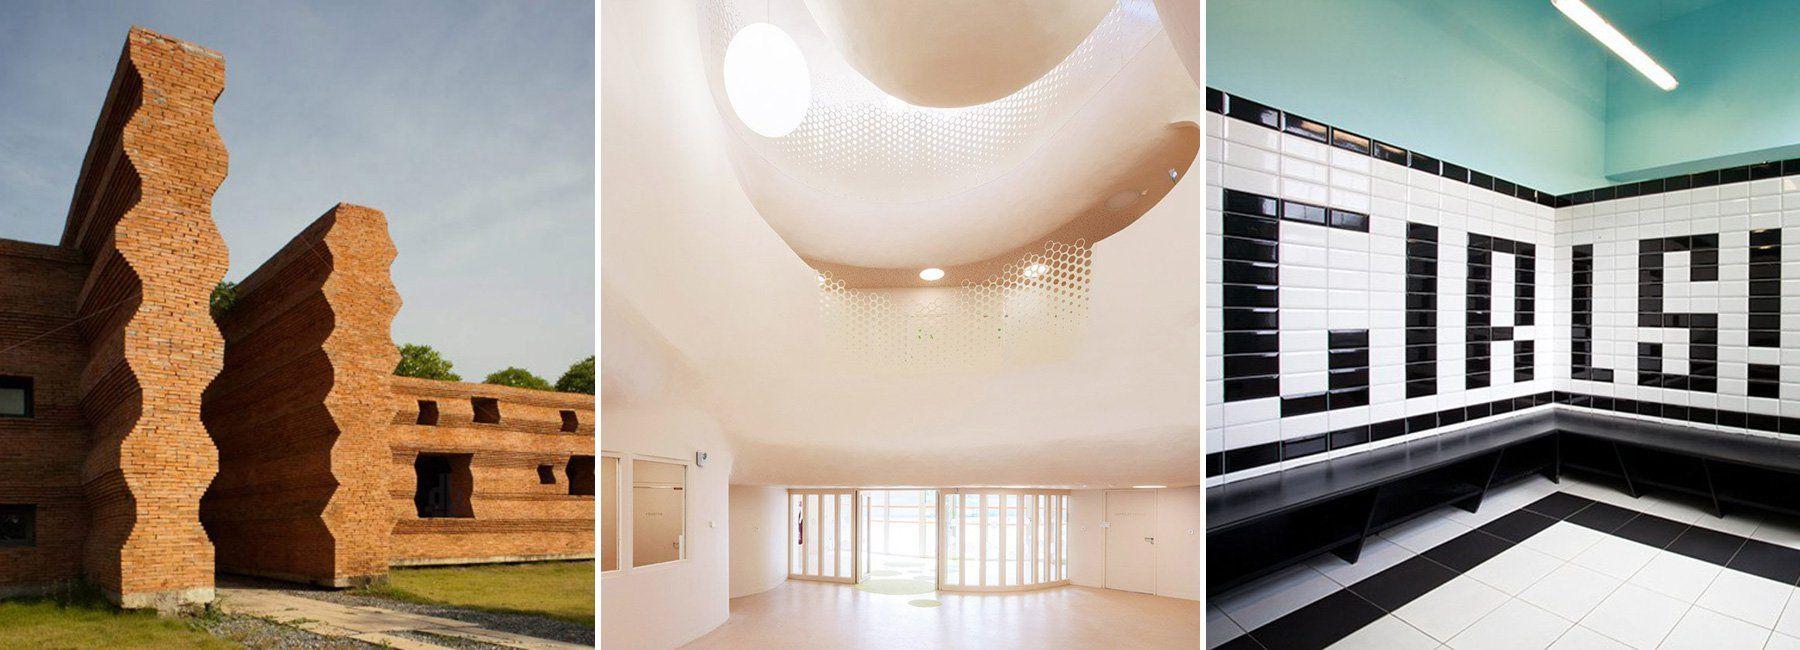 top 10 interior design schools in italy